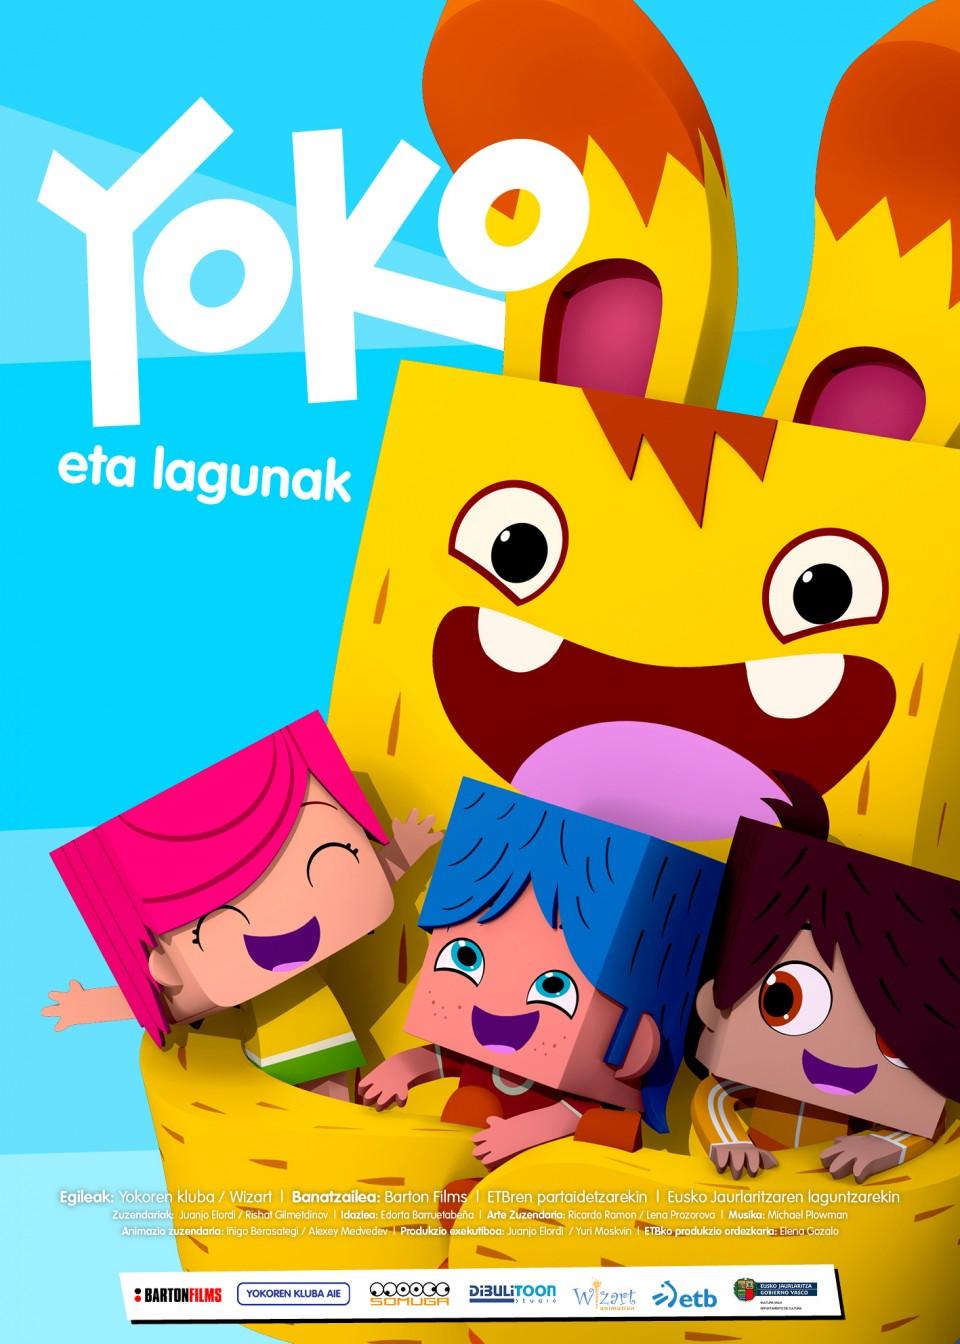 Yoko Eta Lagunak